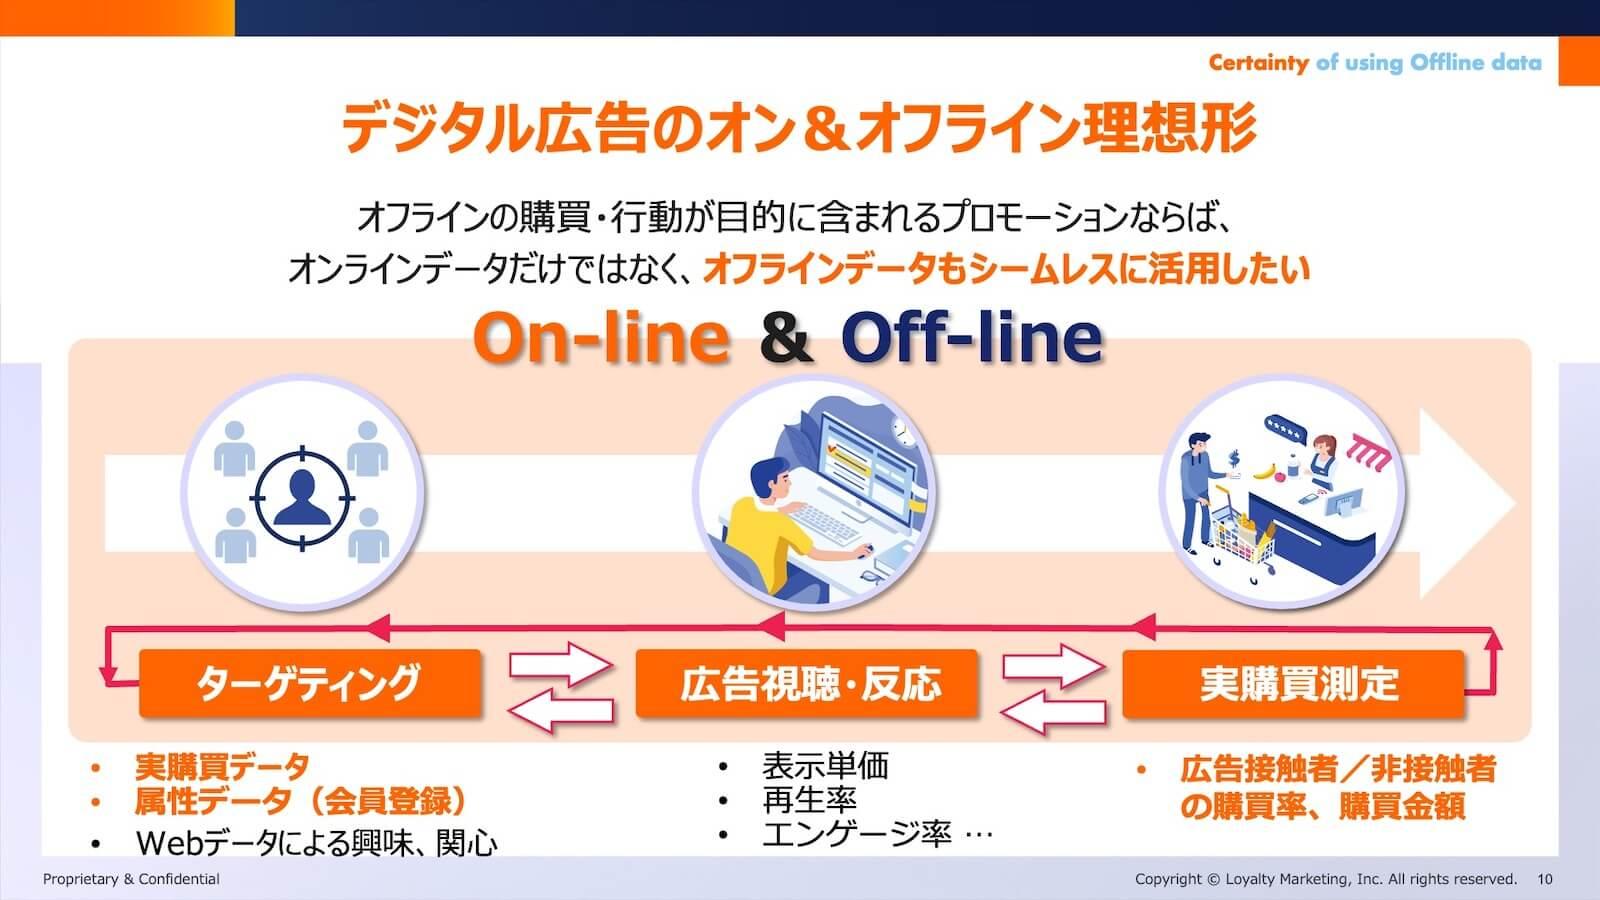 デジタル広告のオン&オフライン理想形